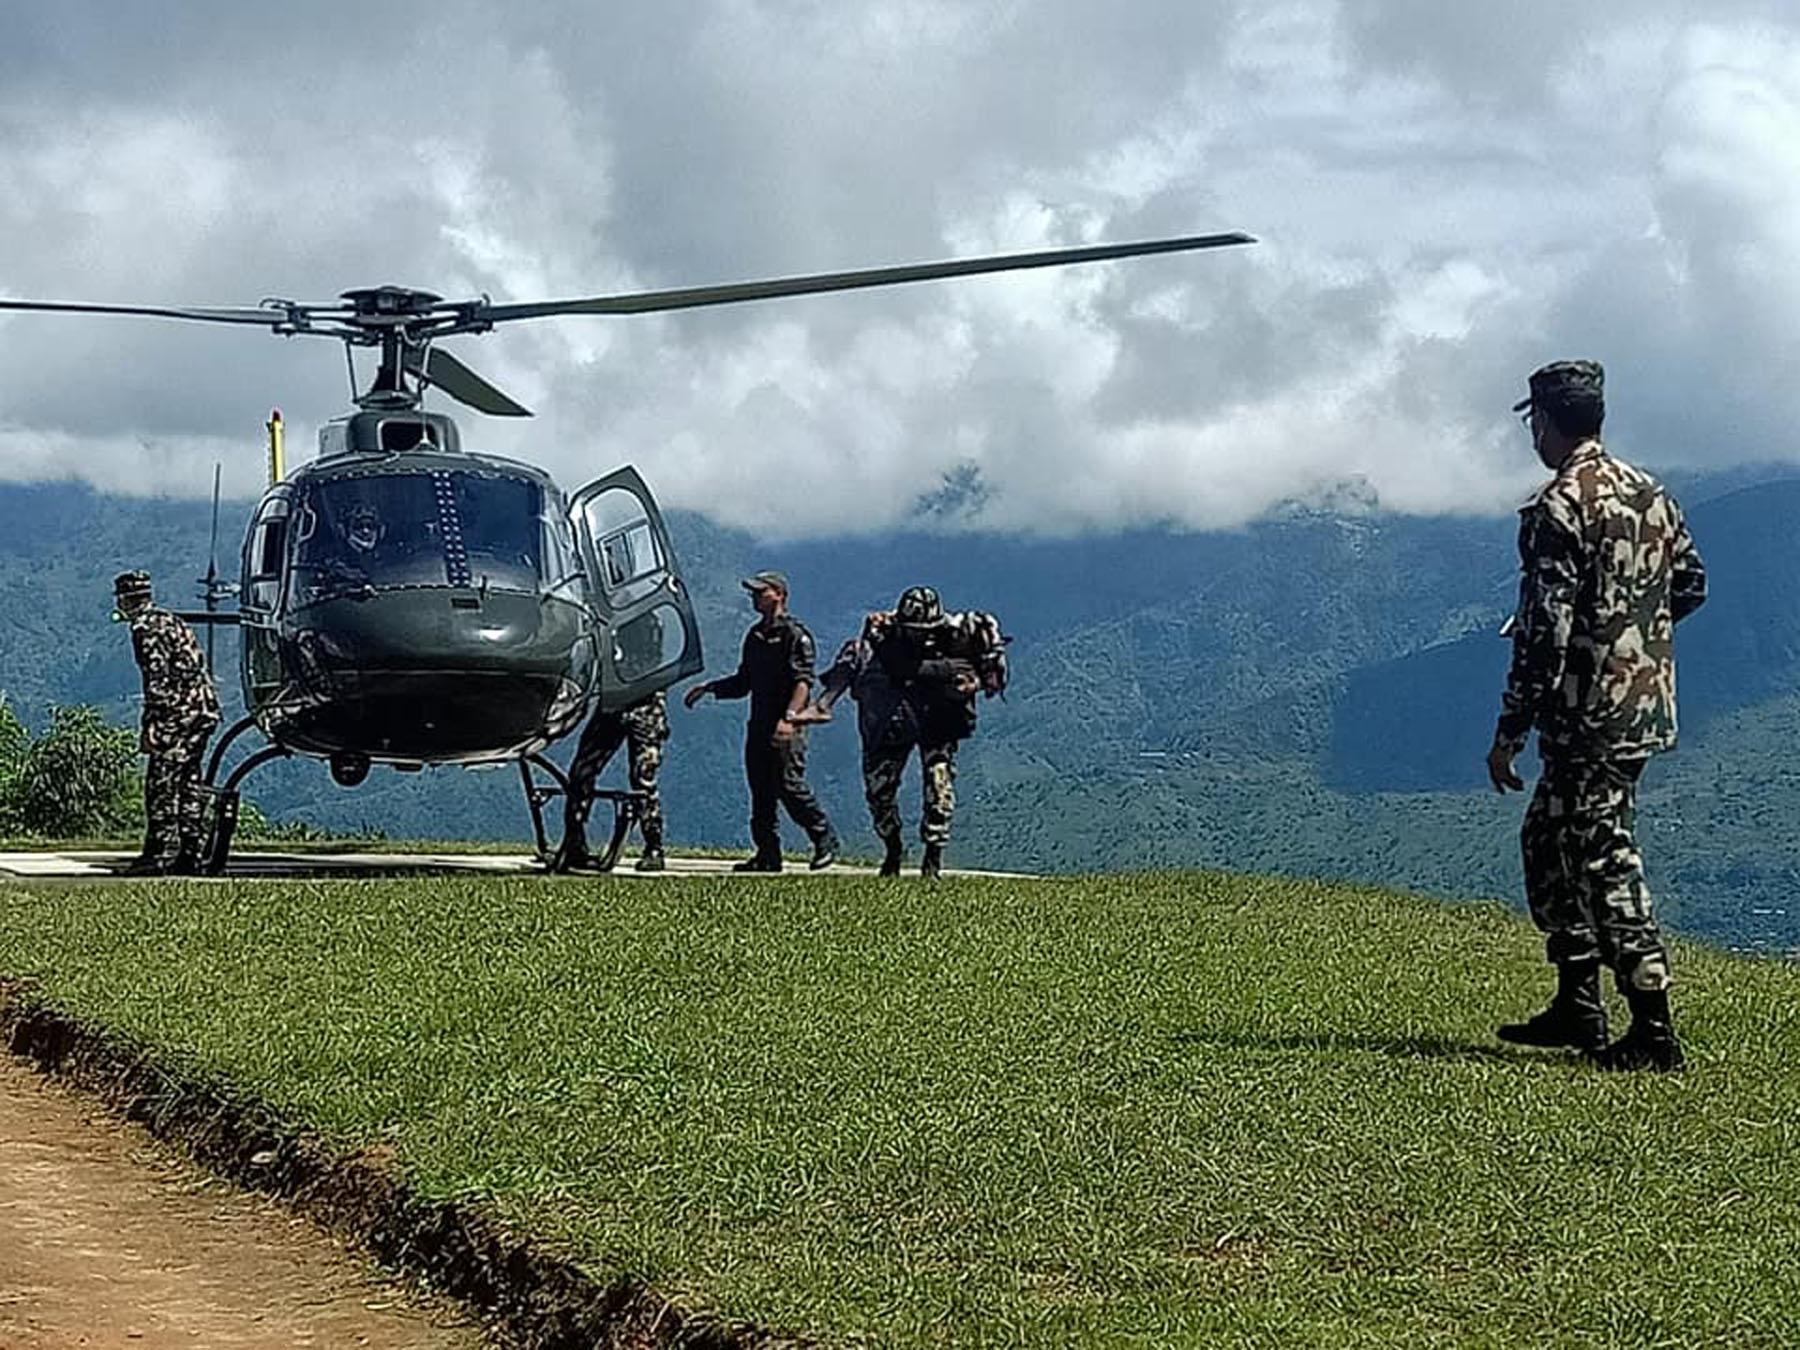 लिदी पहिरोः चार घाइतेलाई हेलिकप्टरमार्फत काठमाडौँ पठाइयो